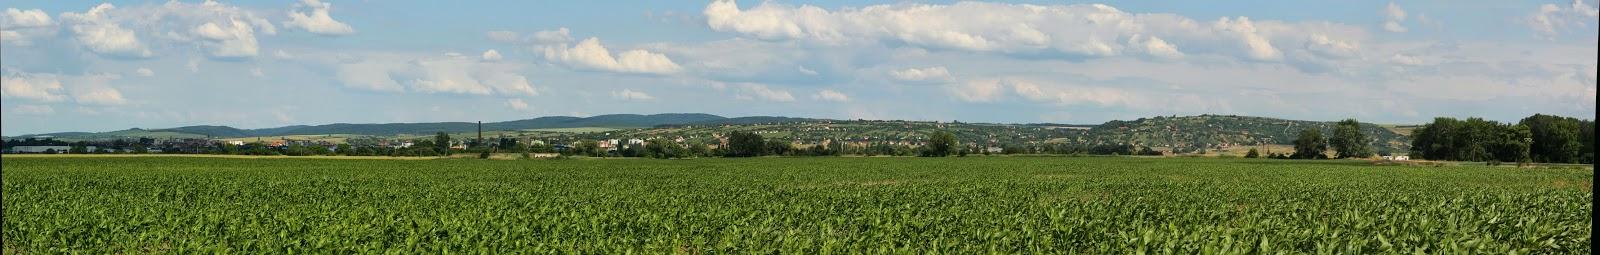 Panorama Kátova/Kátov Panorama